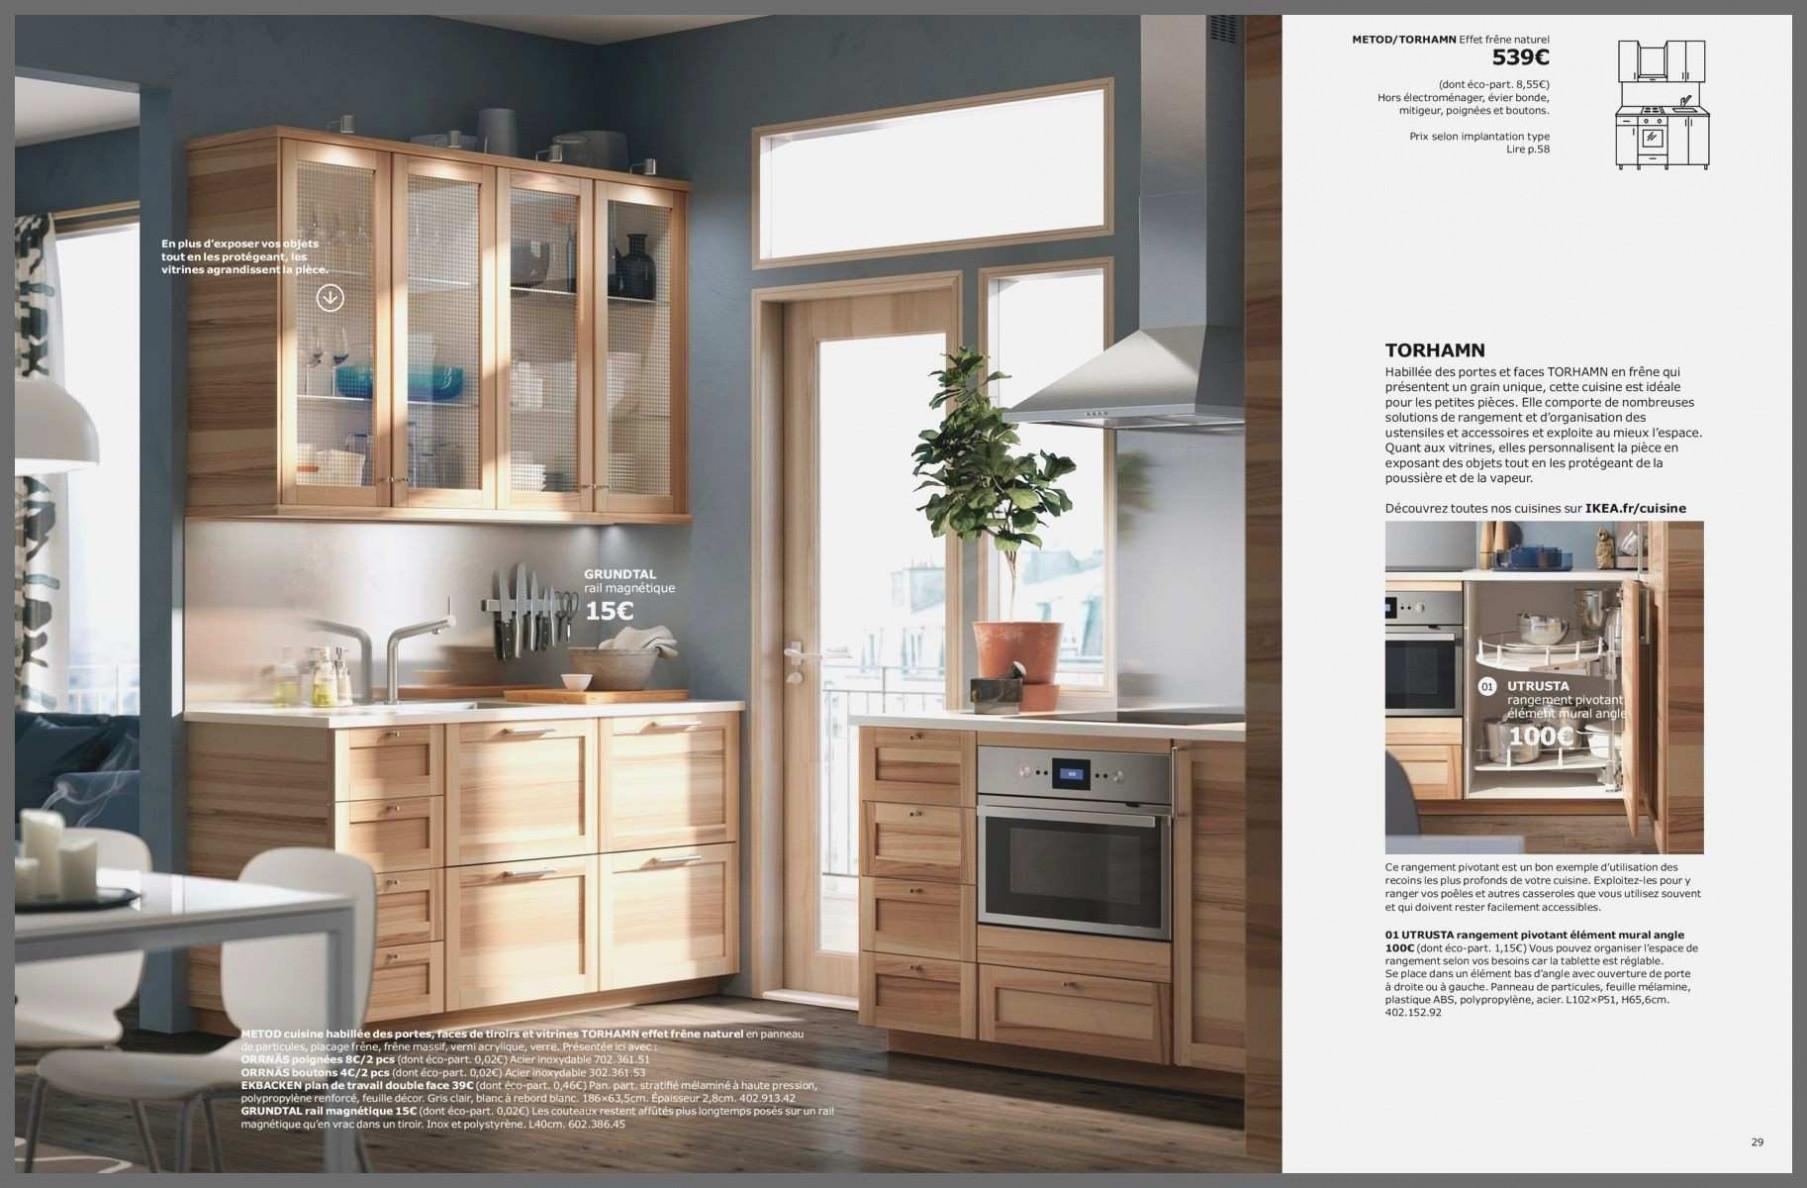 magasin de meuble design magasin meuble et deco meubles et deco frais kavehome chaise 0d of magasin de meuble design